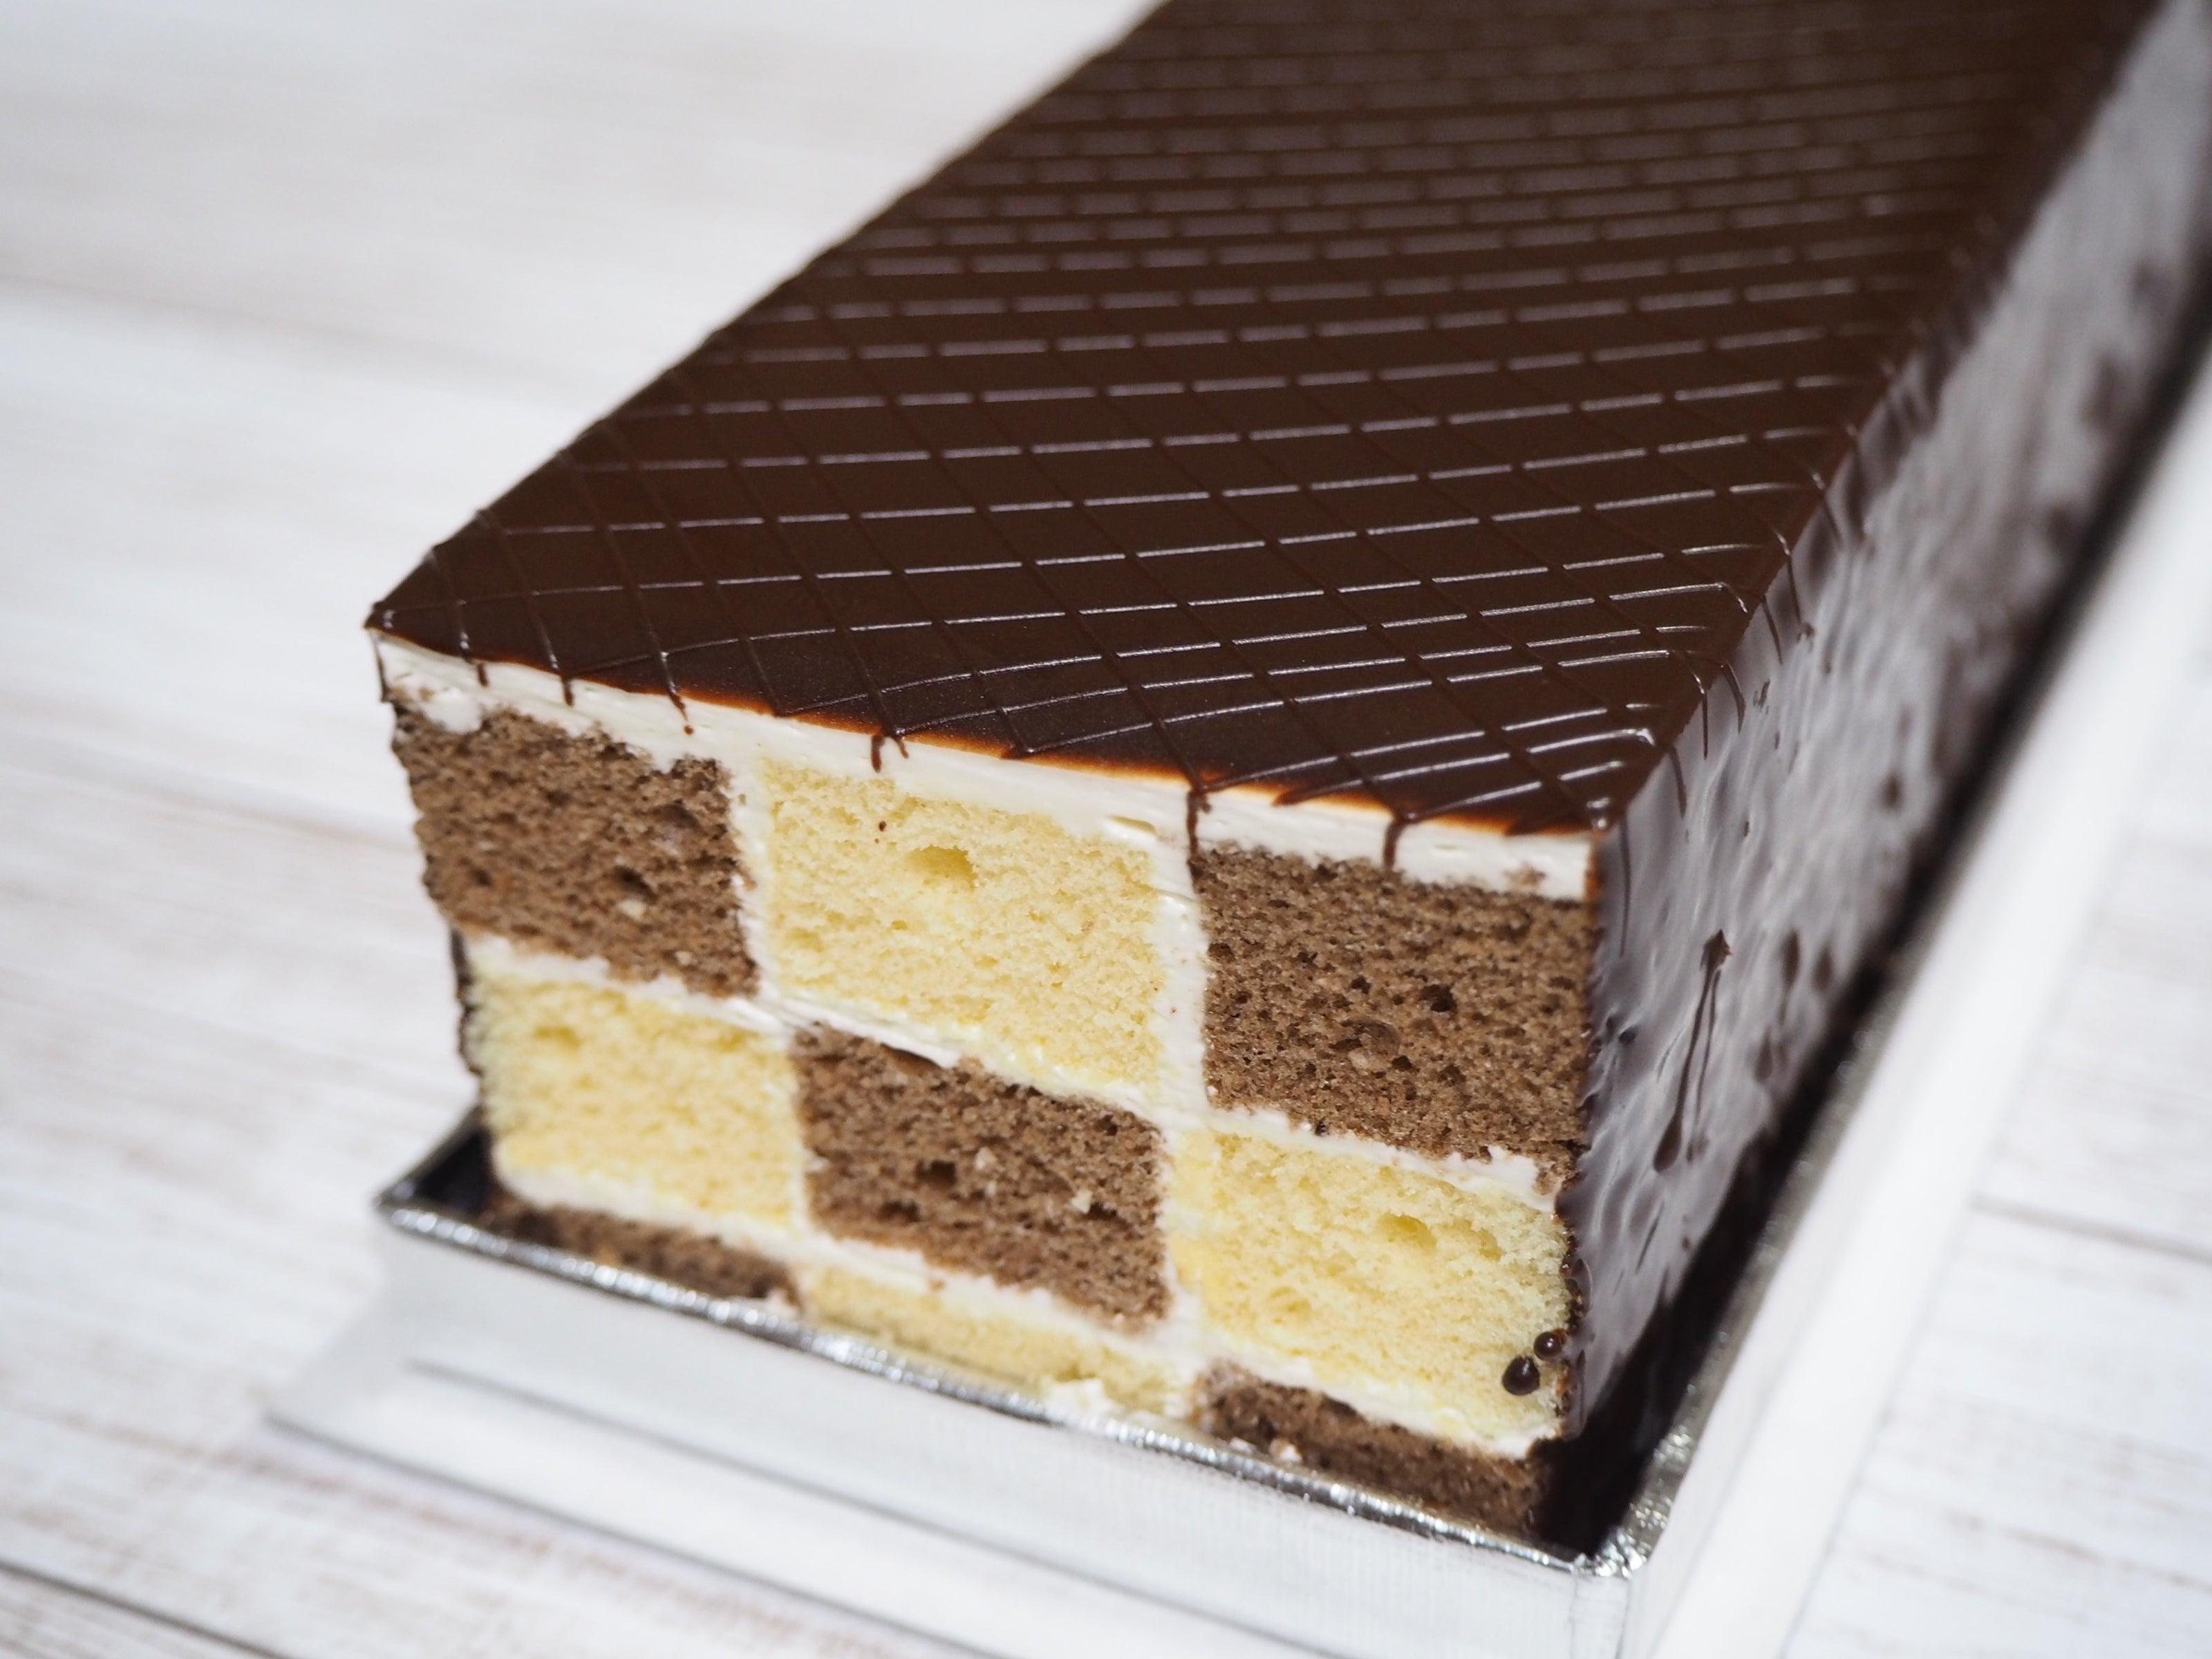 銀座 ウエスト ドライ ケーキ